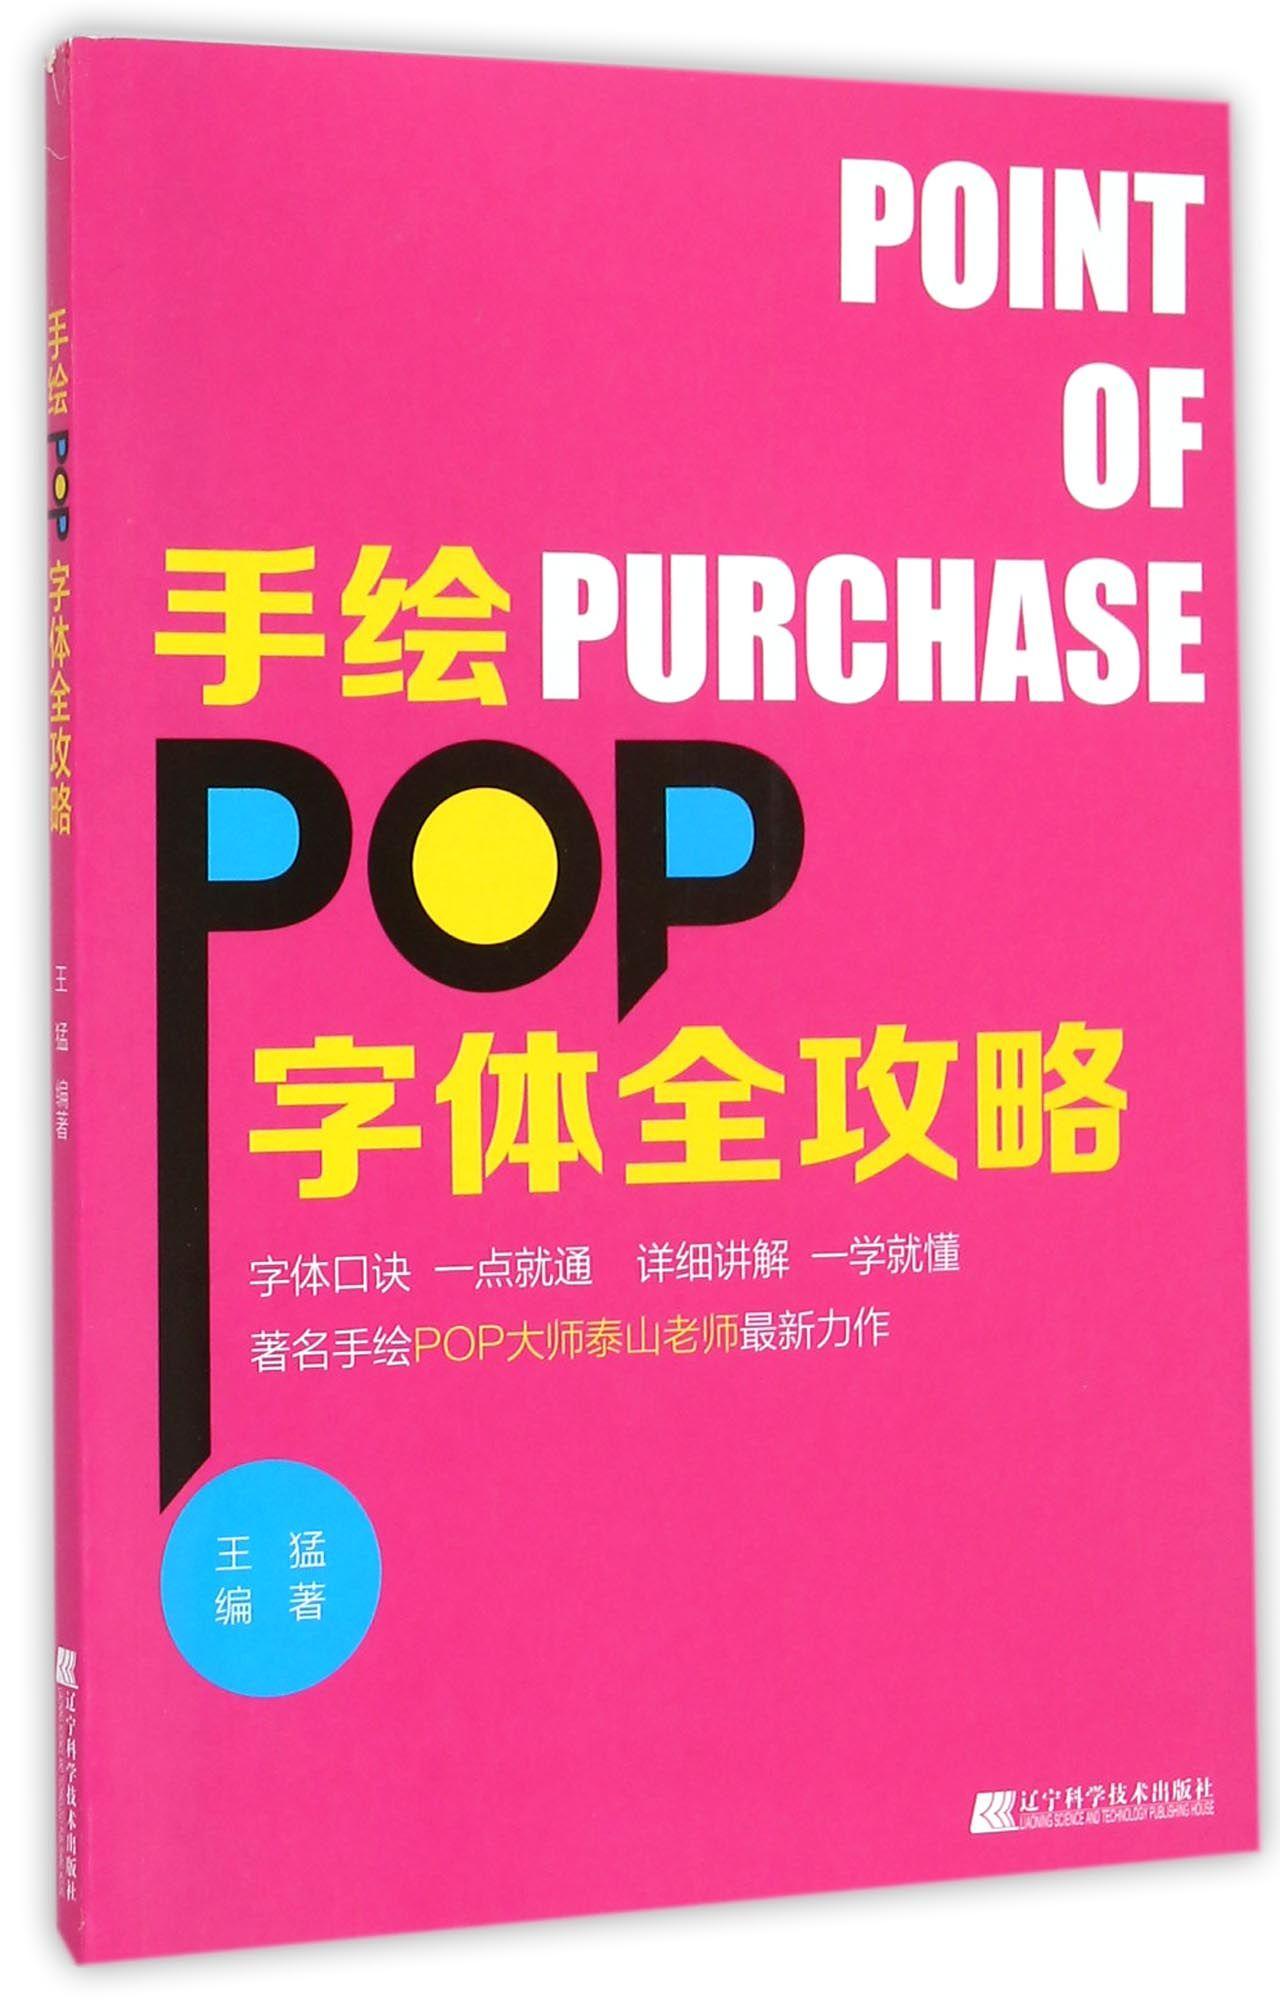 《手绘pop字体全攻略》由泰山手绘pop工作室创立人泰山(王猛)精心